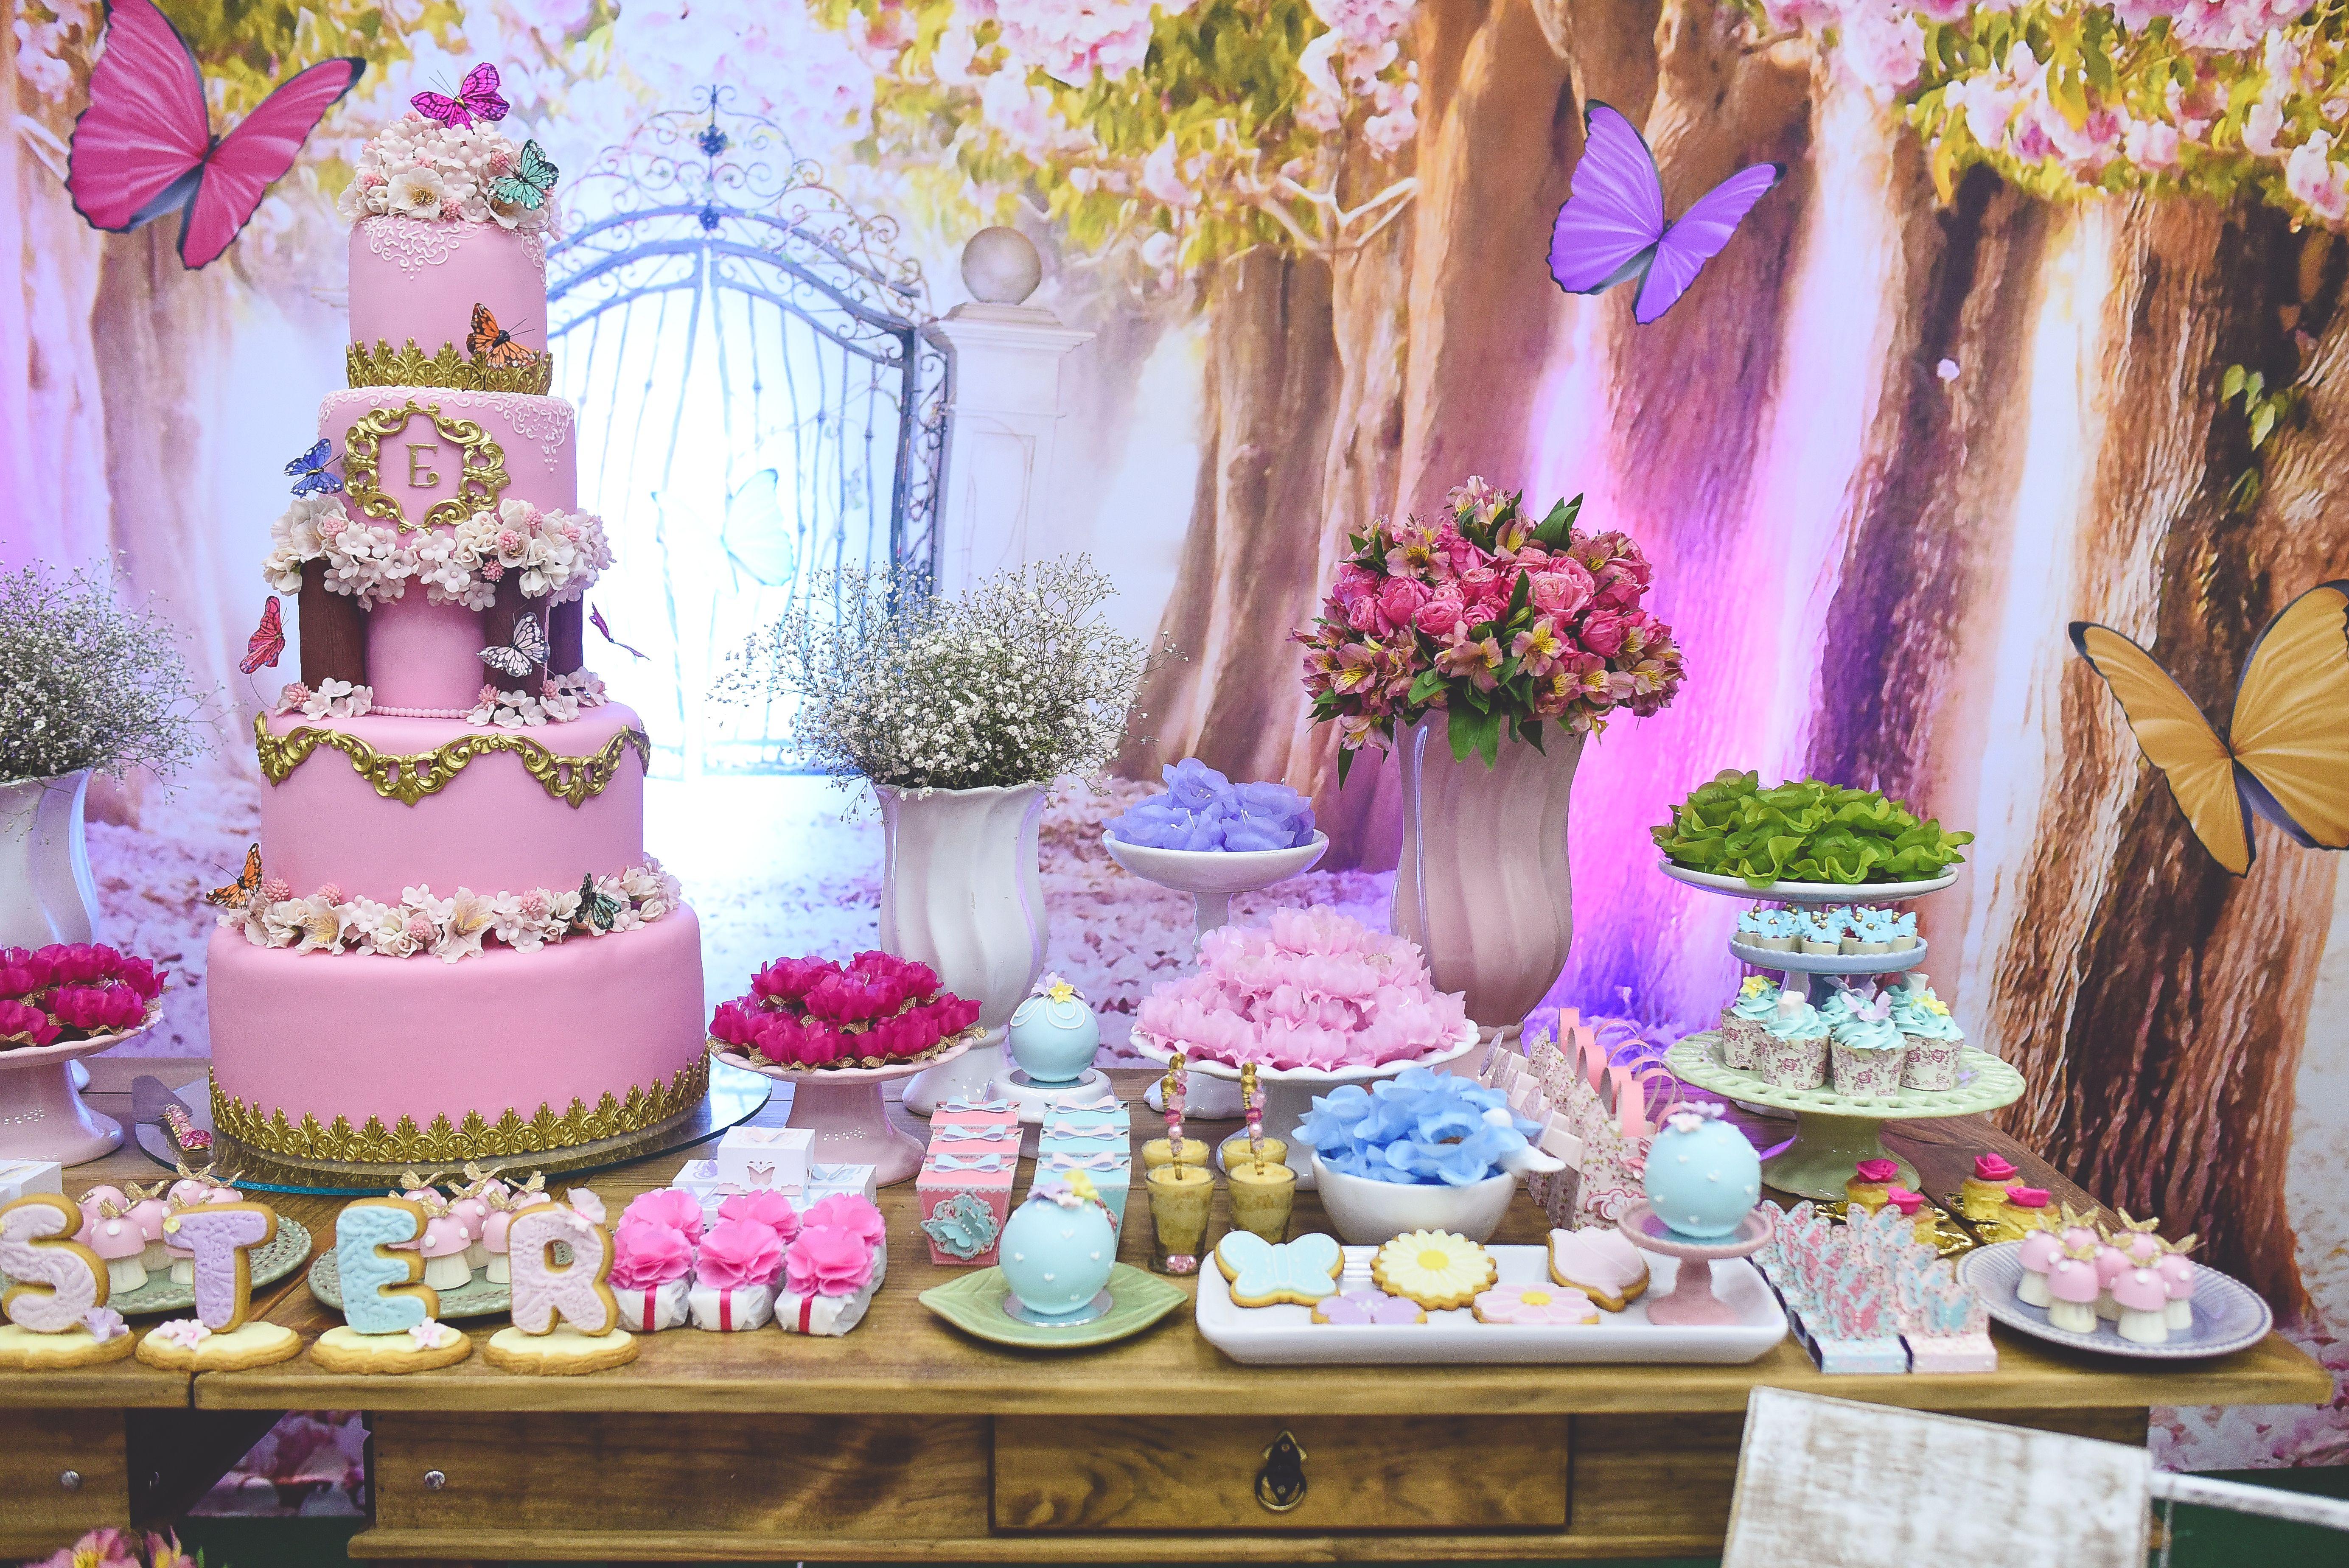 Blog Encontrando Ideias Niver Nanda Festa jardim das borboletas, Festa tema jardim e Festa # Decoração De Aniversario Jardim Encantado Das Borboletas